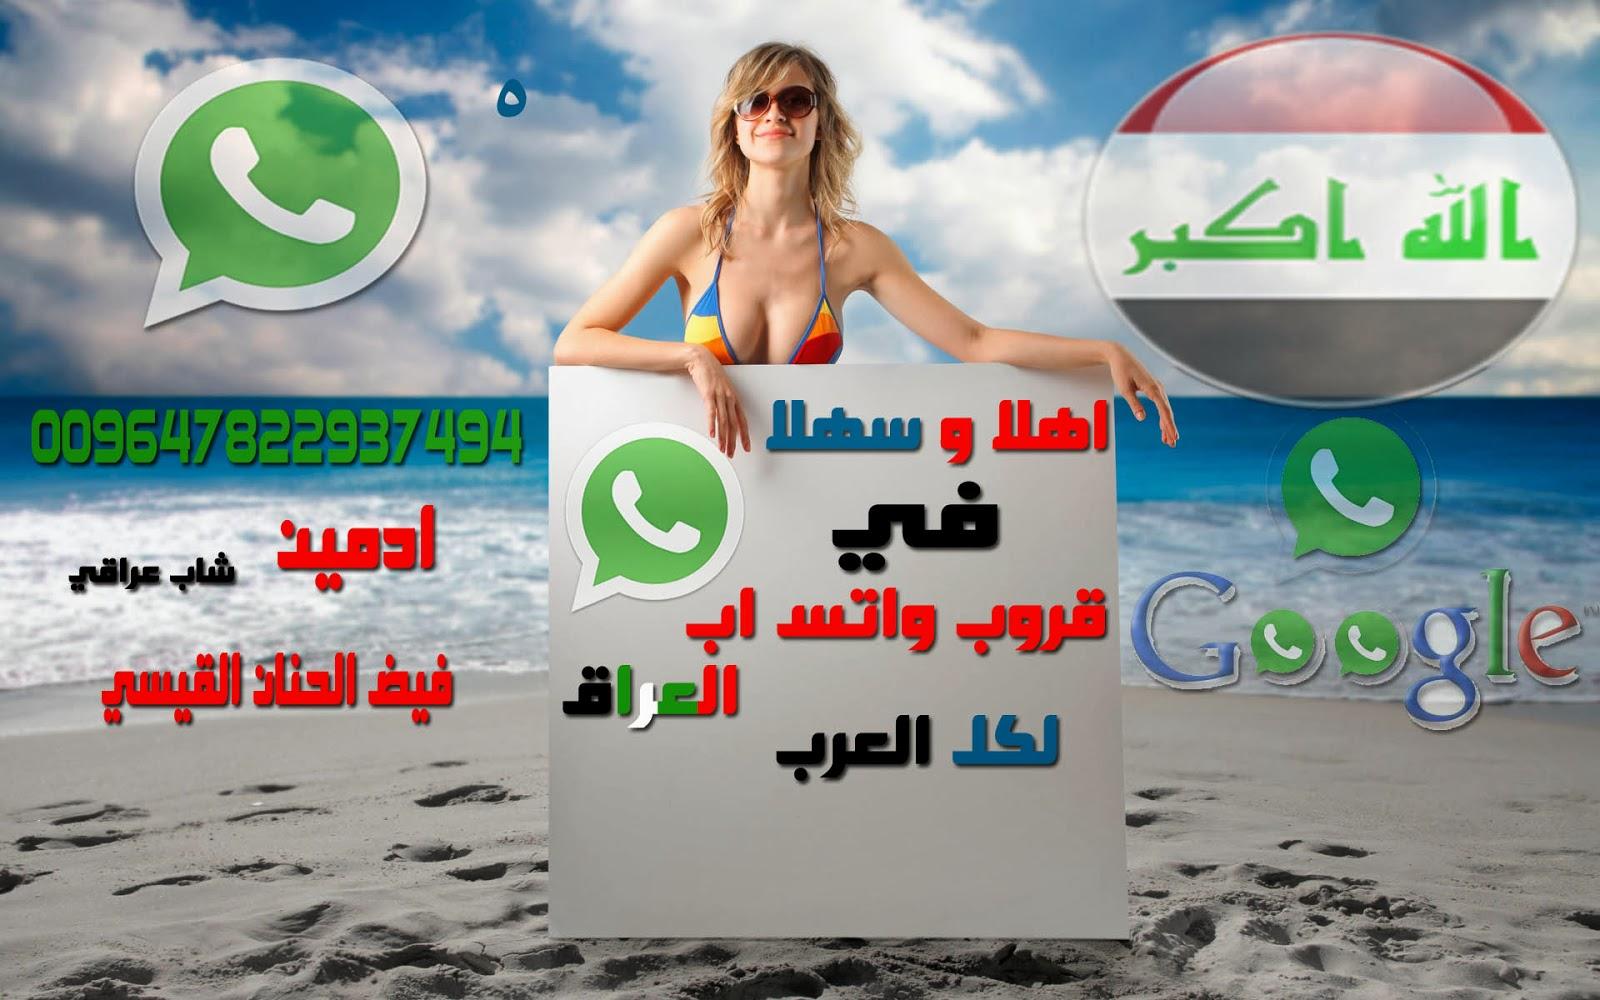 قروب واتس اب العراق لكل العرب